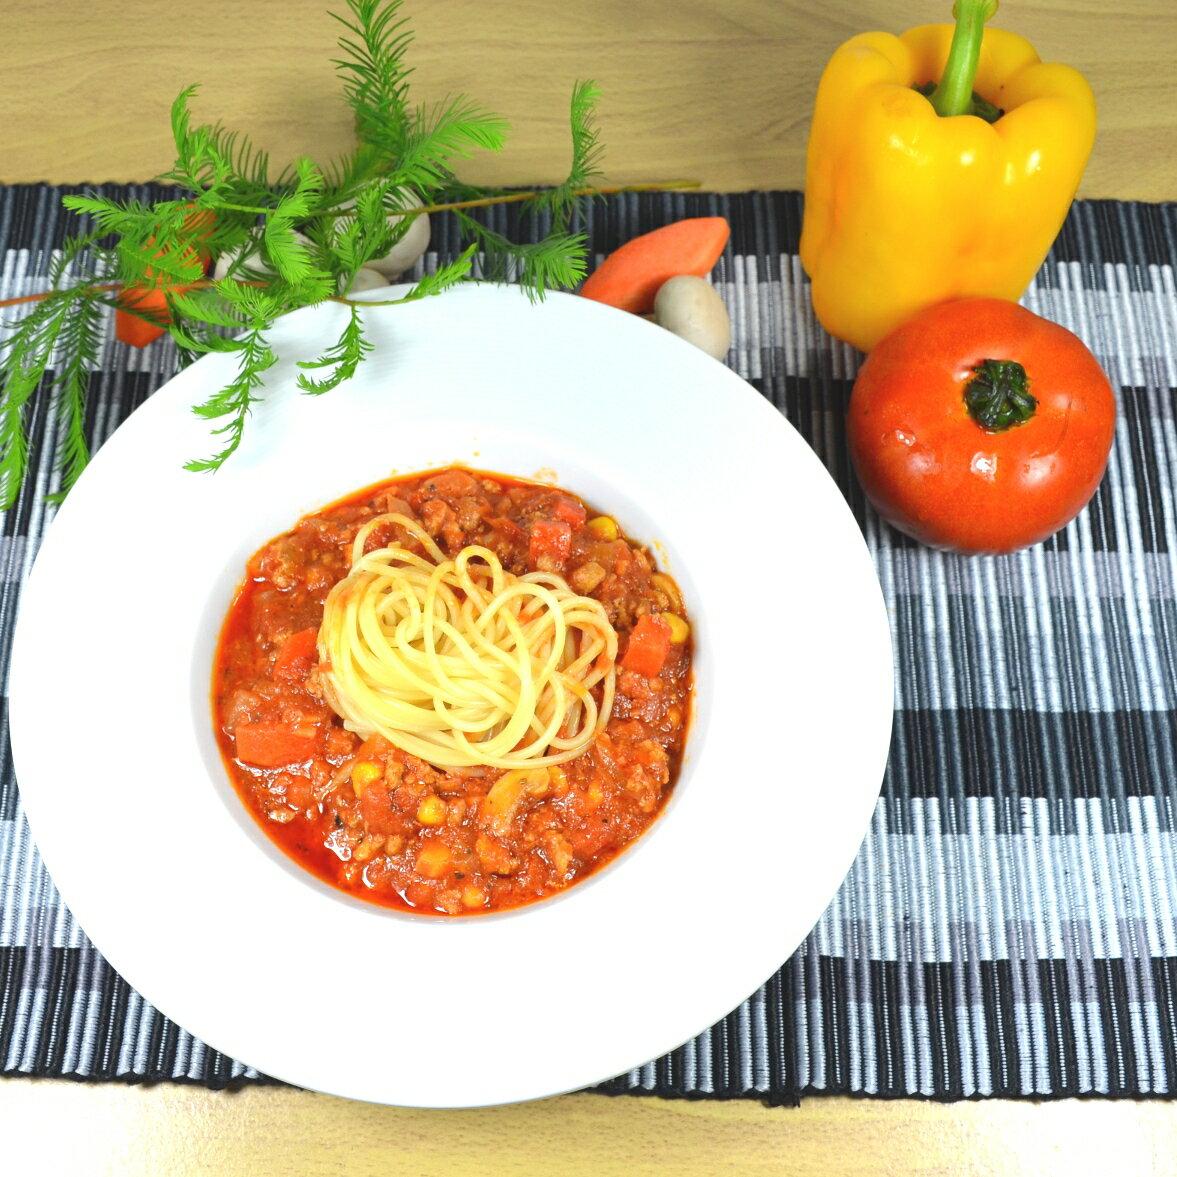 【 禾禾廚房】波隆那肉醬秒熟義大利麵 1